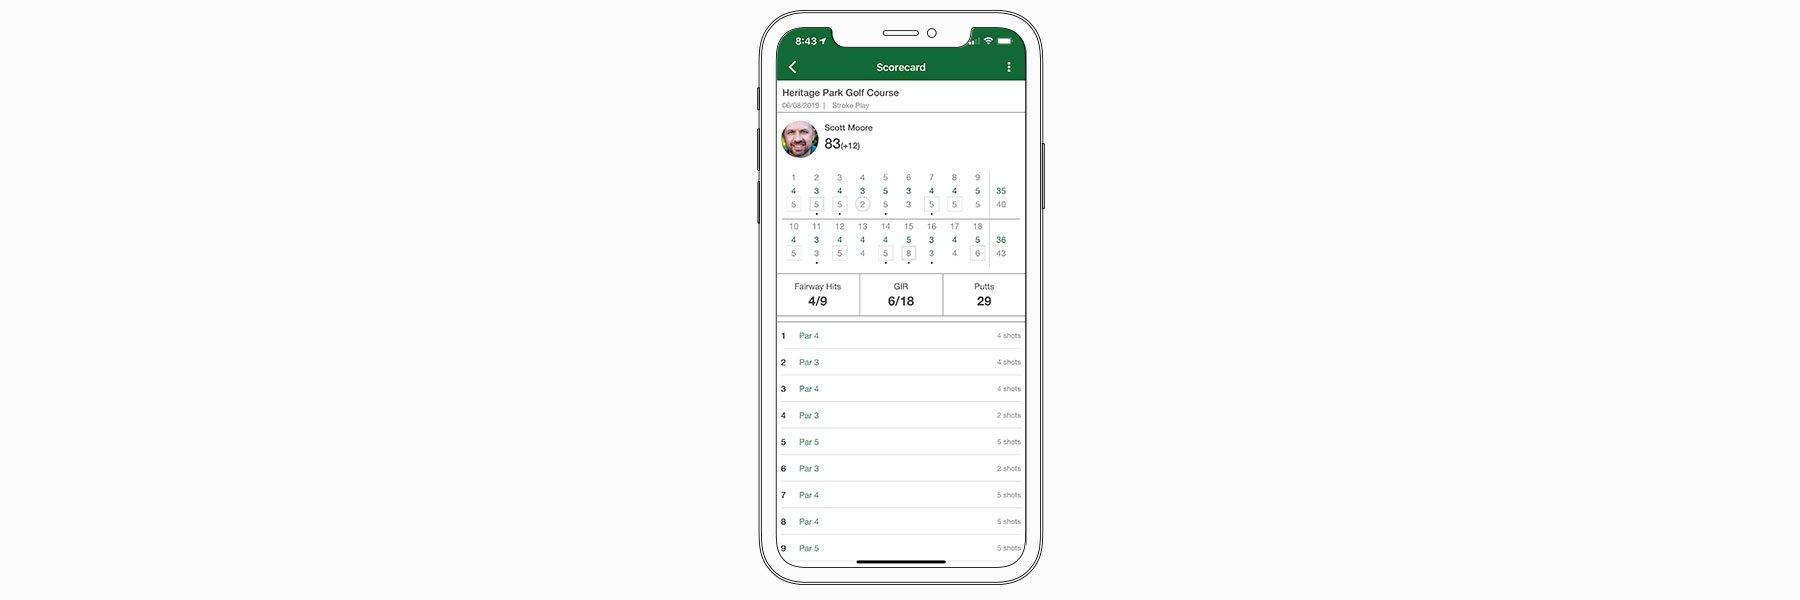 Scorecard history - Garmin Golf™ App